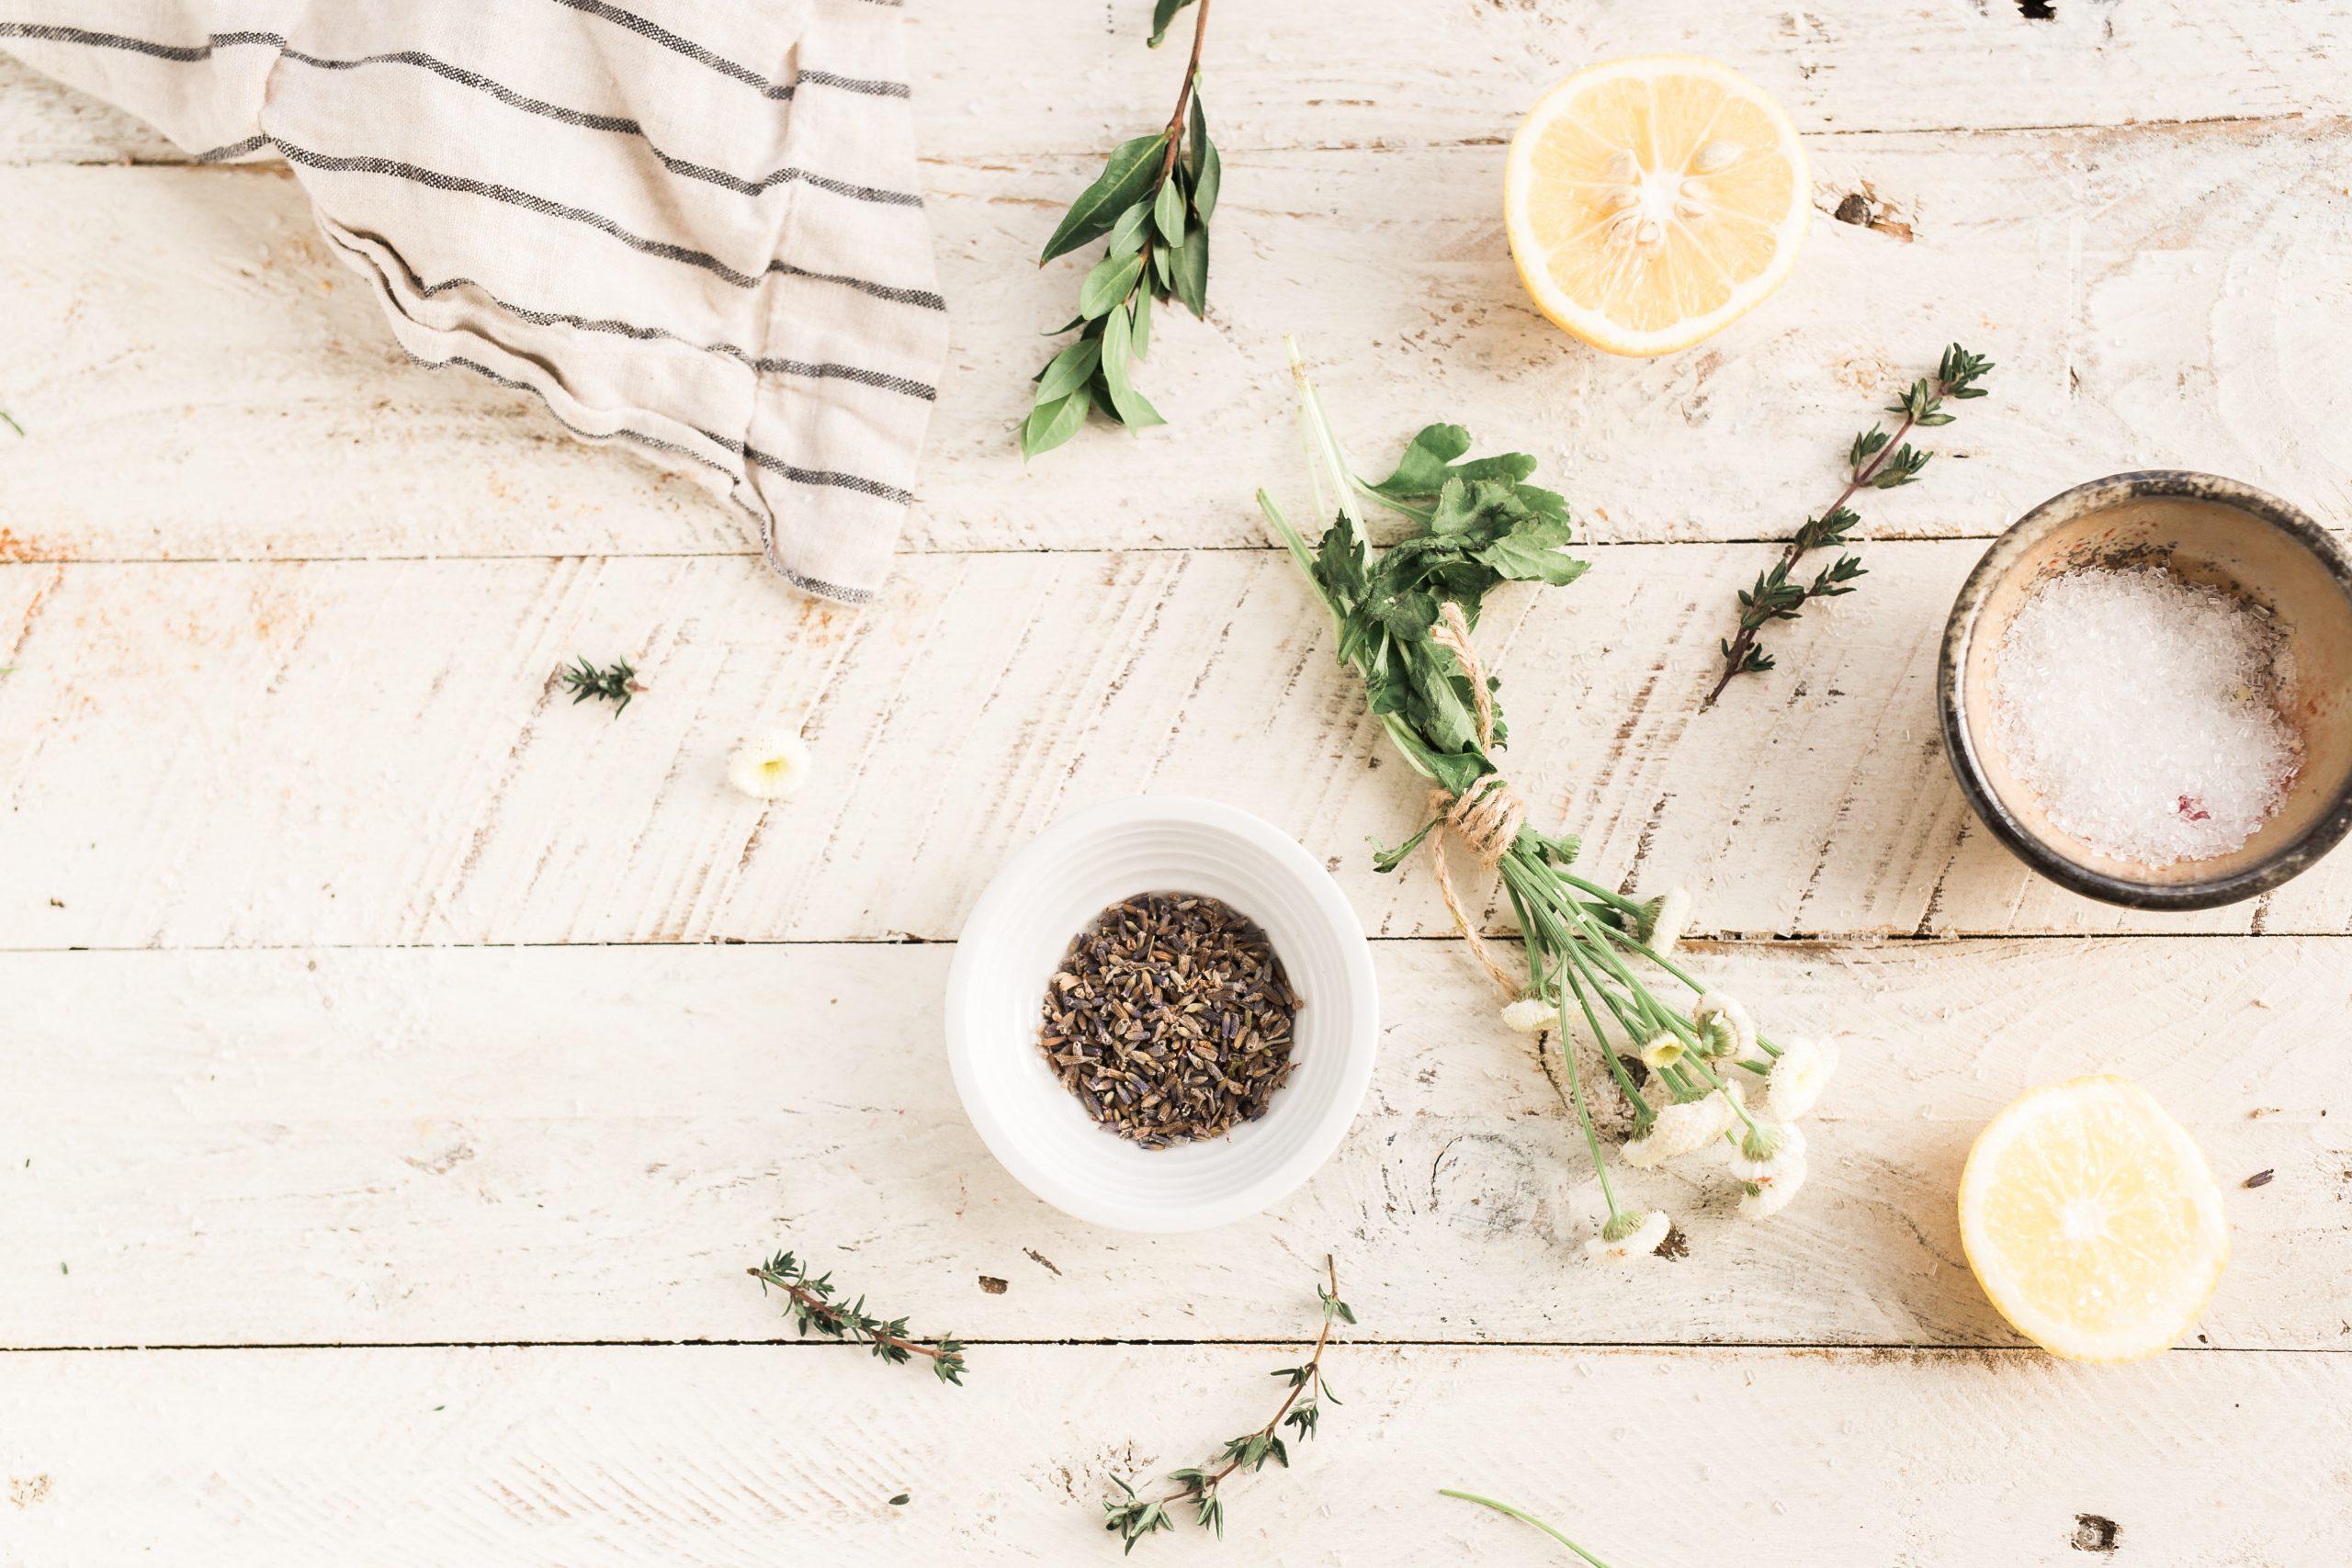 Ingredientes para hacer esencias aromáticas